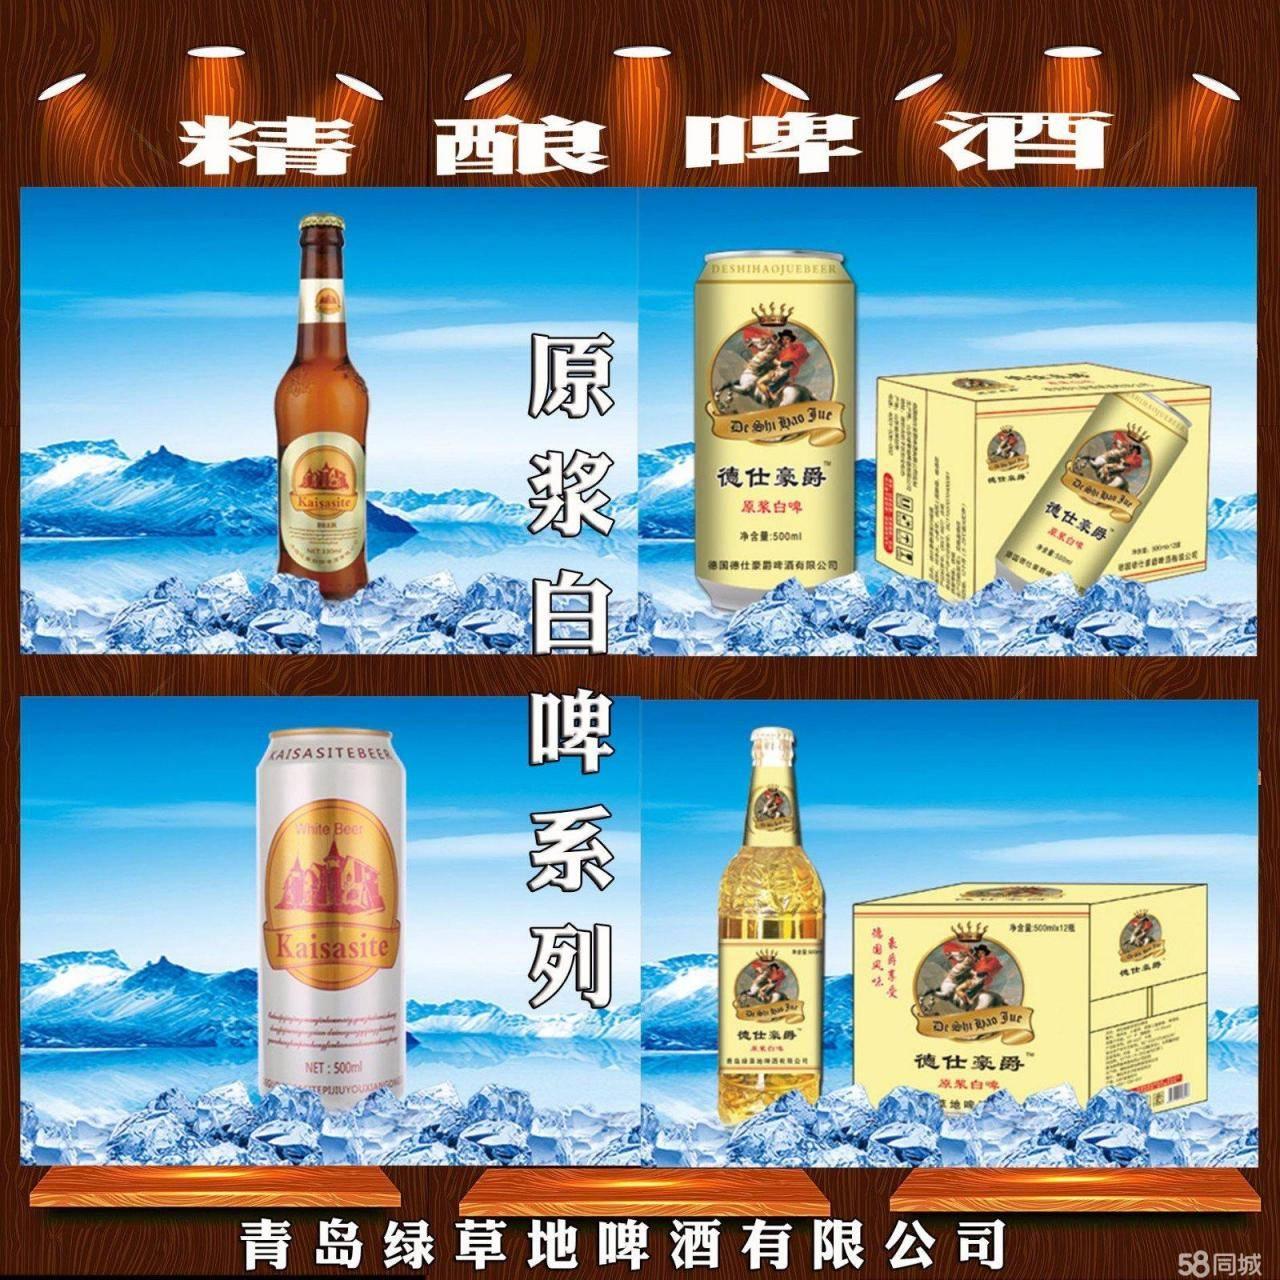 青岛啤酒如何加盟-如何加入南青岛啤酒城-大麦丫-精酿啤酒连锁超市,工厂店平价酒吧免费加盟